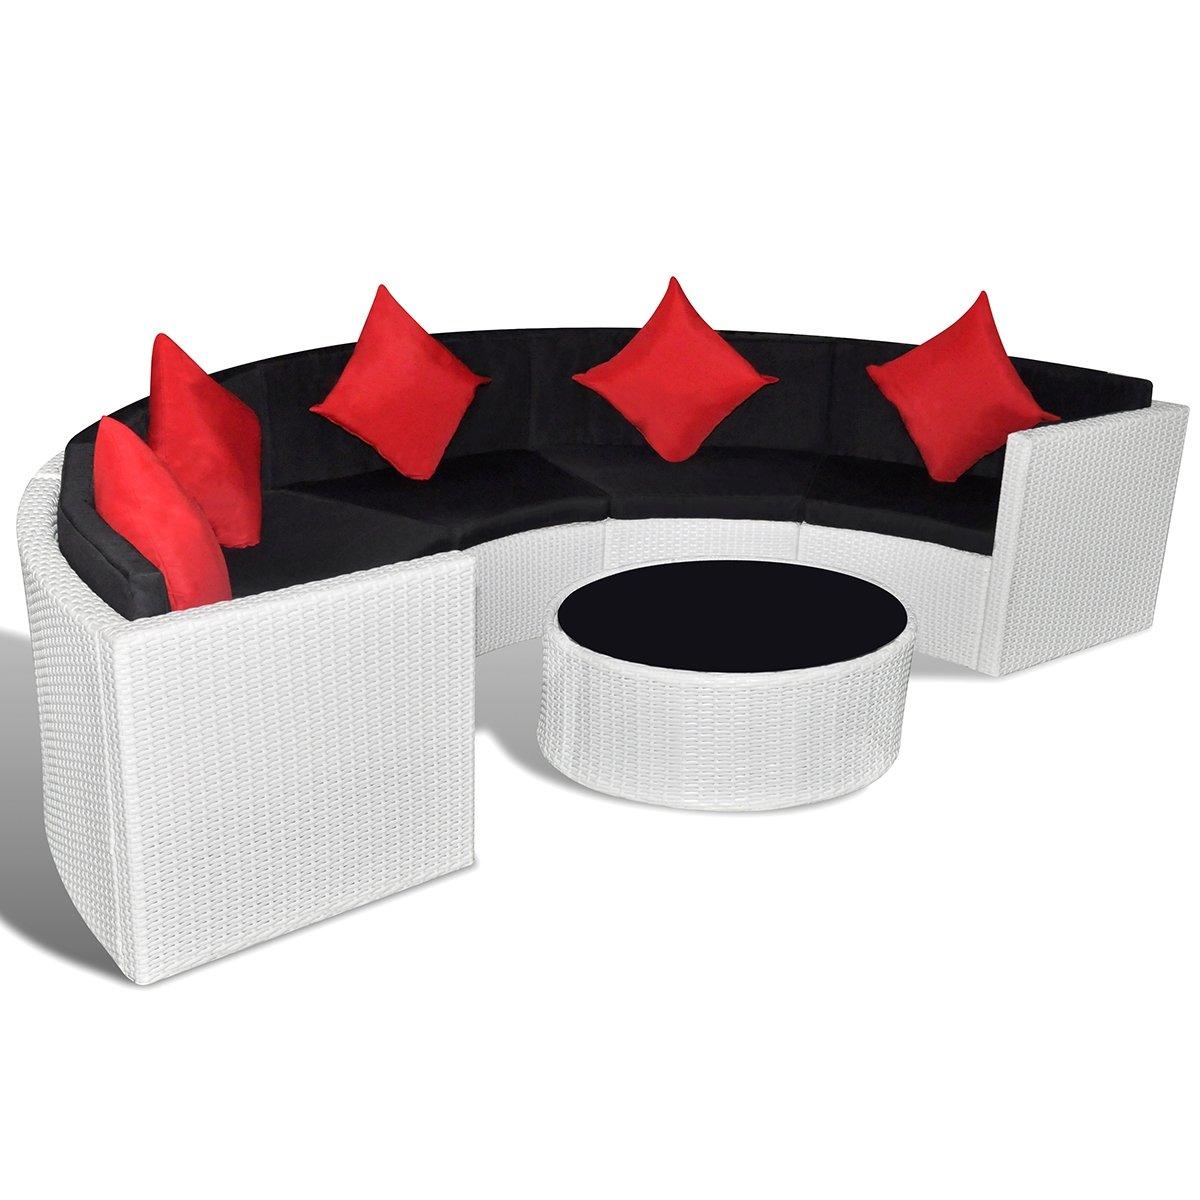 Rattan lounge halbrund  Poly Rattan Gartenmöbel Lounge Set halbrund weiß günstig